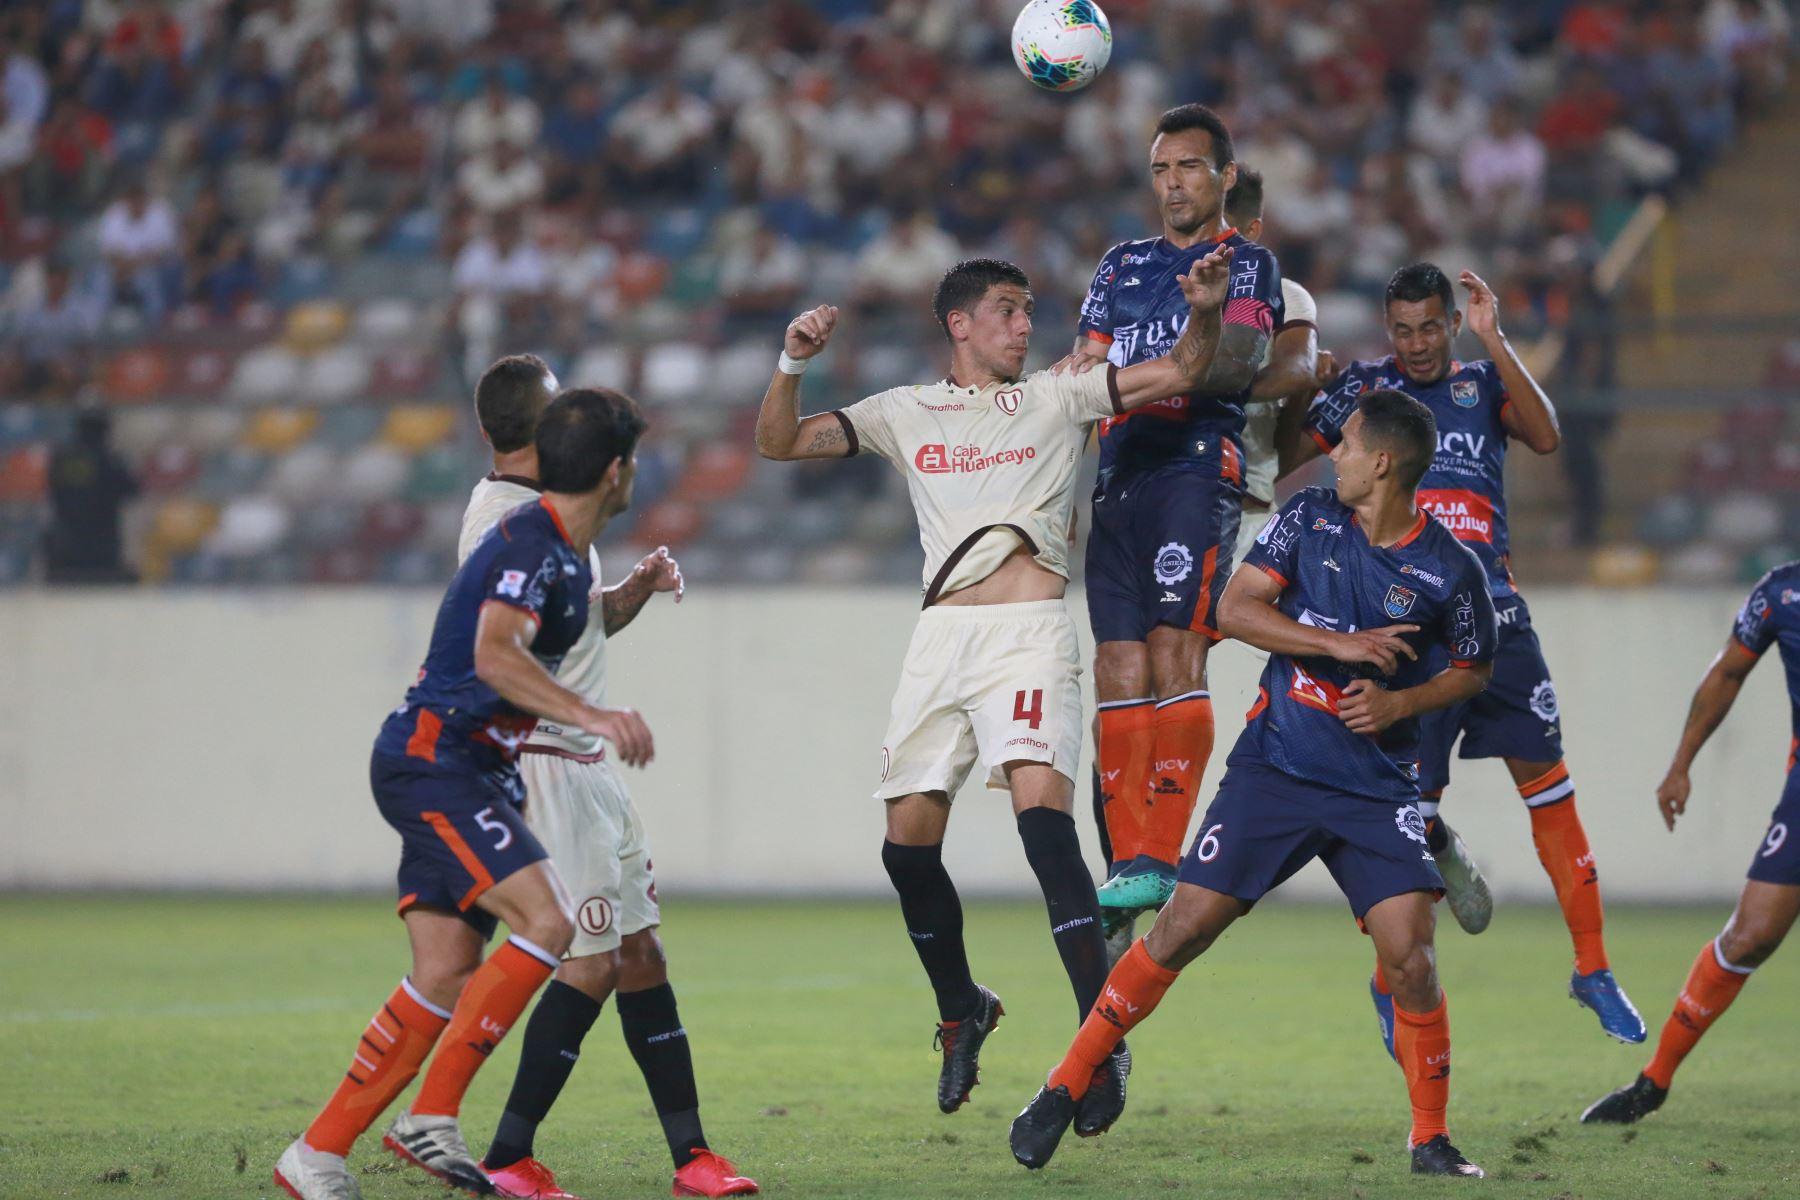 Universitario cayó derrotado ante la Universidad César Vallejo por dos goles a cero,en el estadio monumental.  Foto: ANDINA/Jhony Laurente